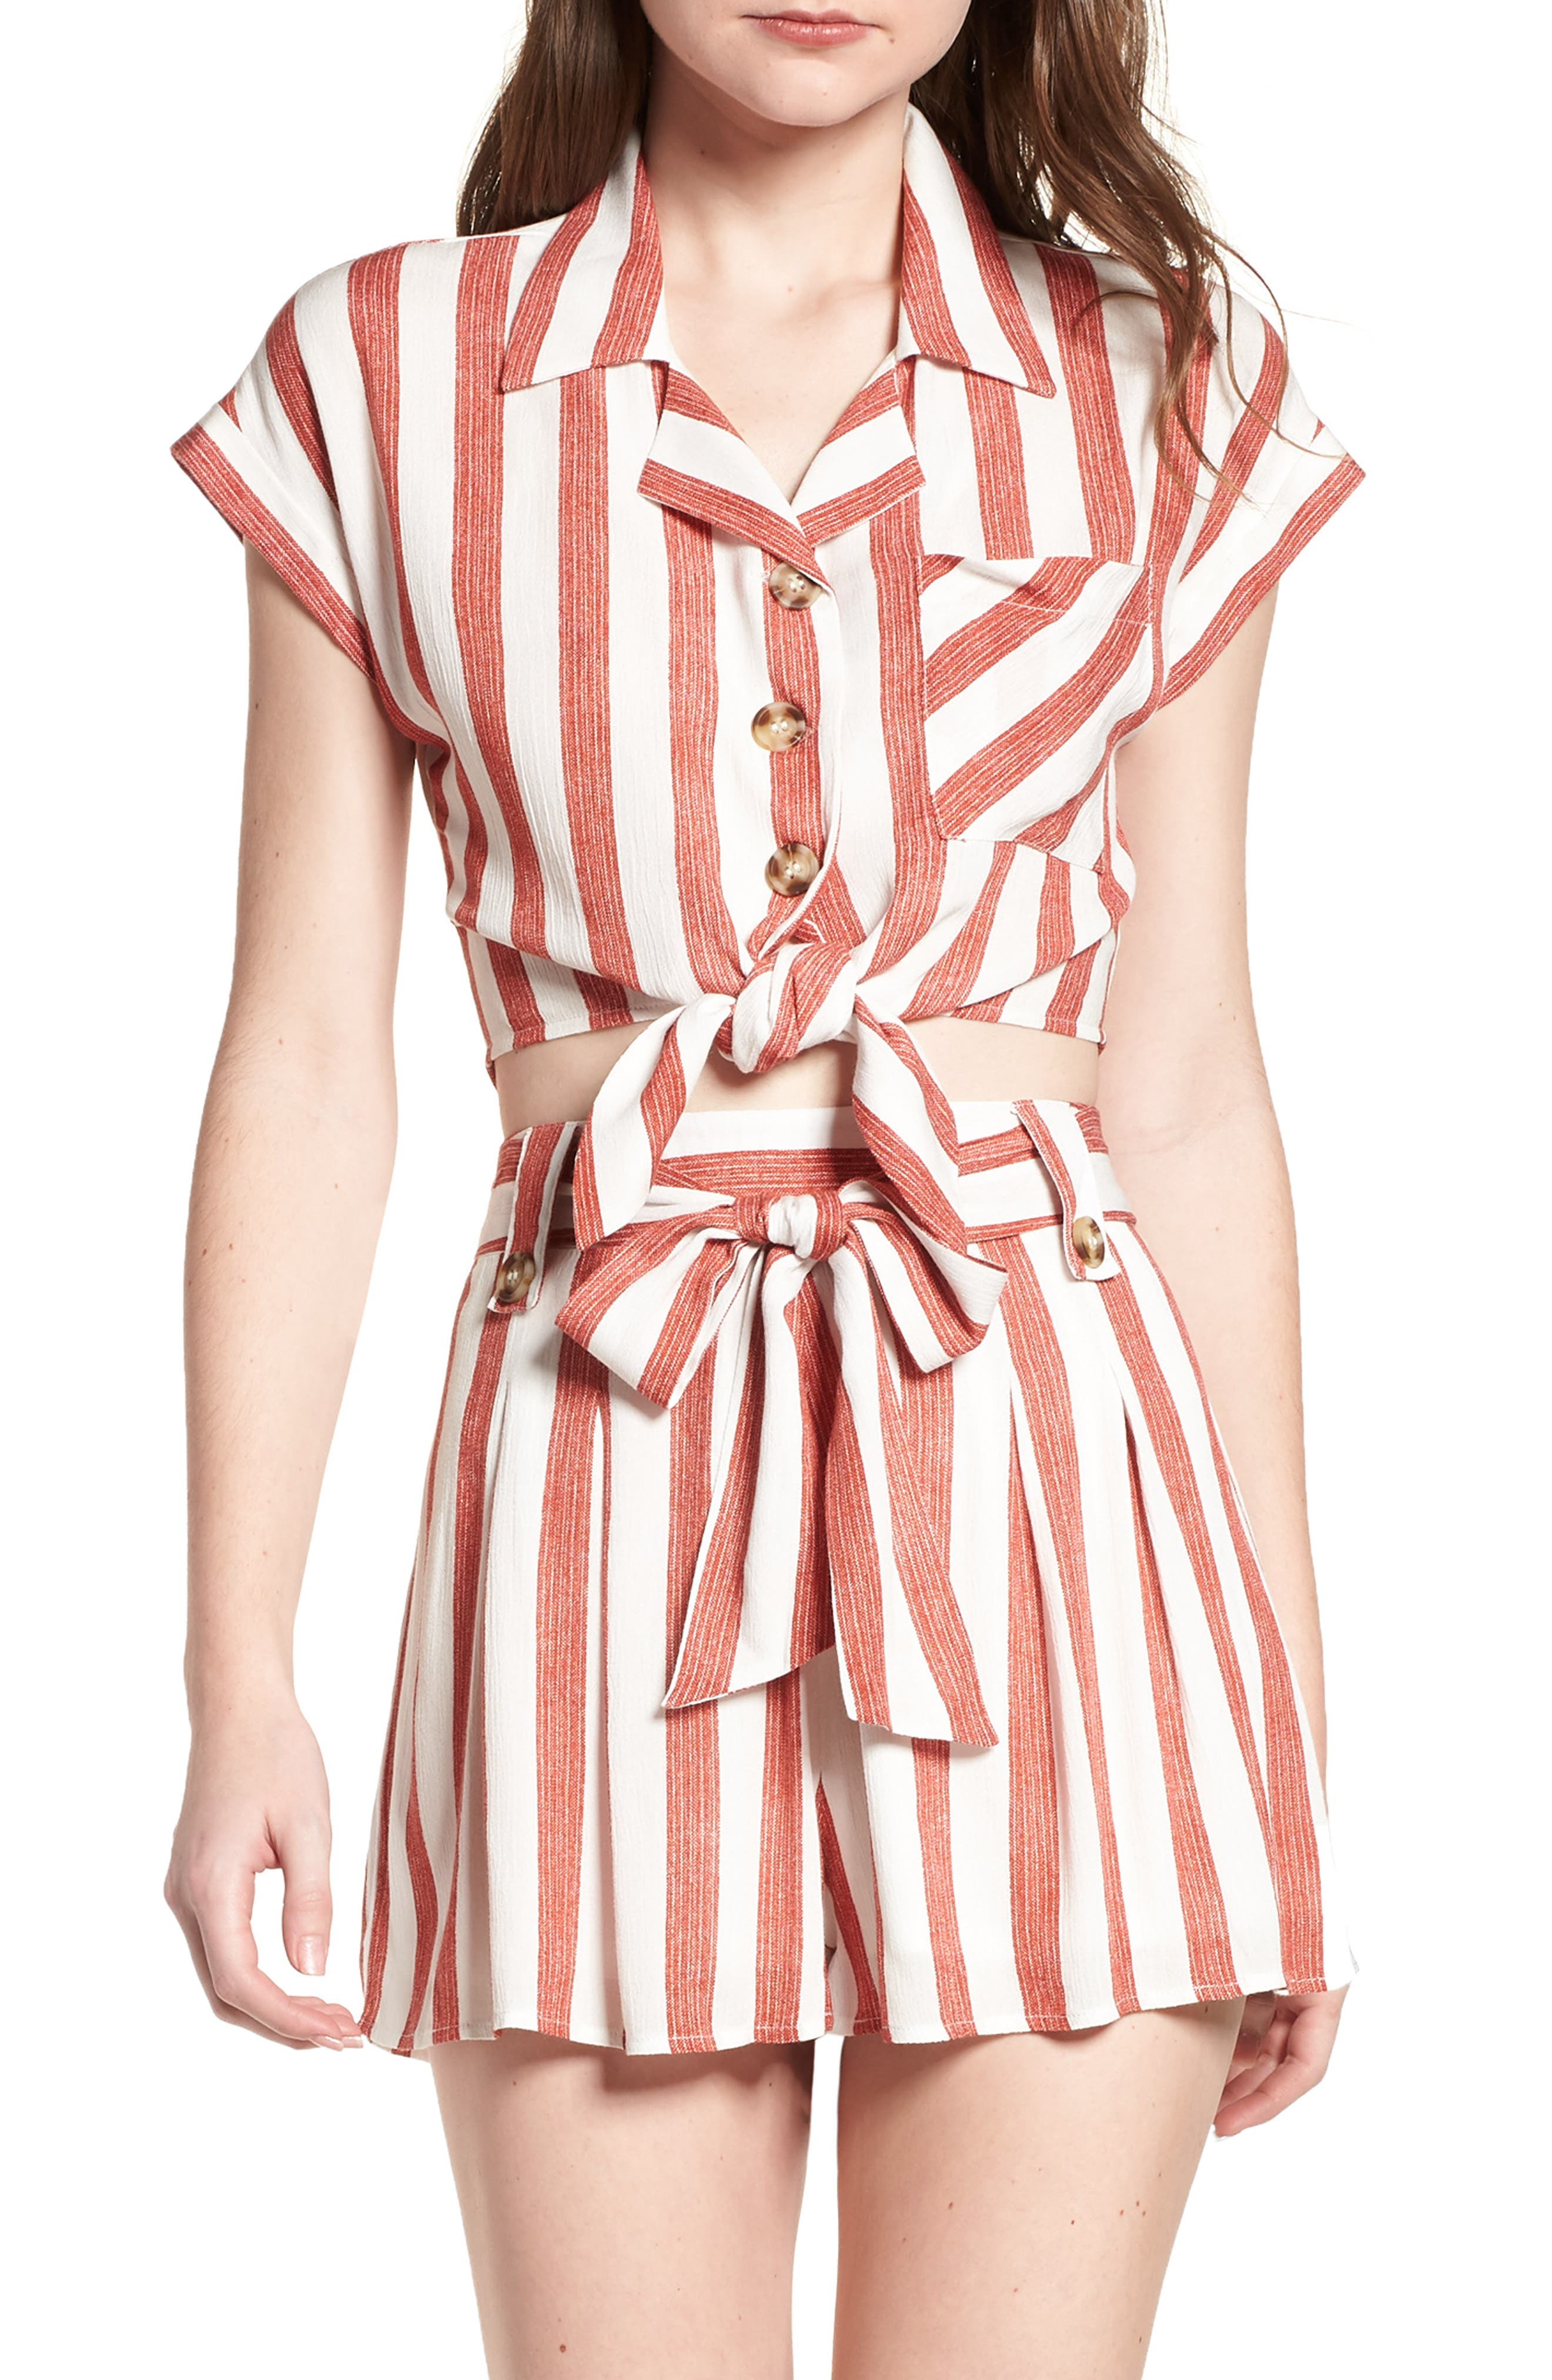 LYDELLE,                             Stripe Tie Front Top,                             Main thumbnail 1, color,                             600